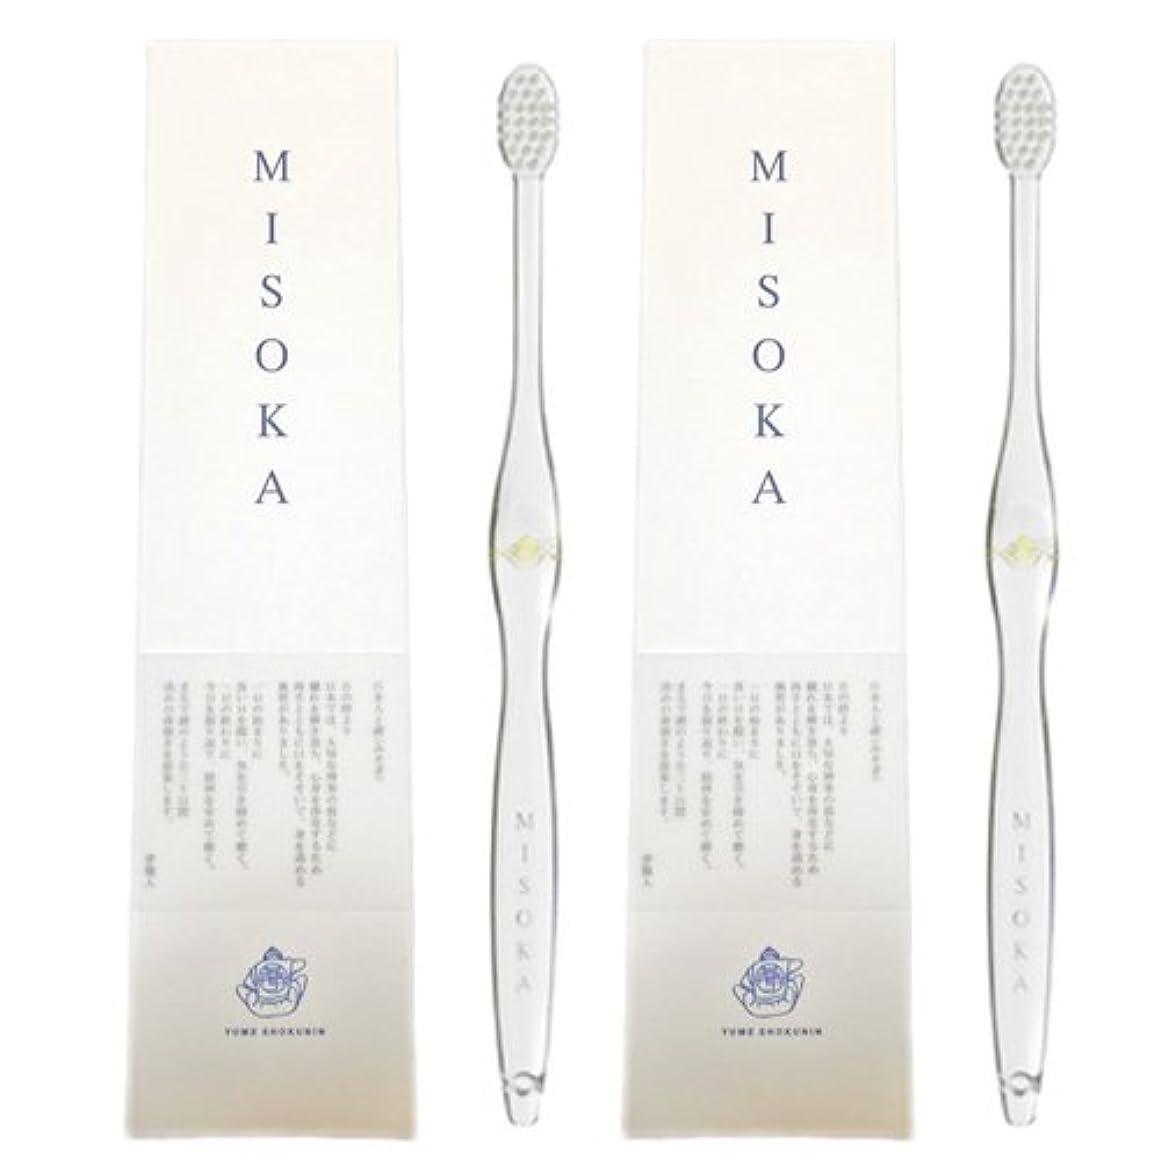 秘密のクラブ頻繁にMISOKA(ミソカ) ハブラシ 山吹色 2本セット